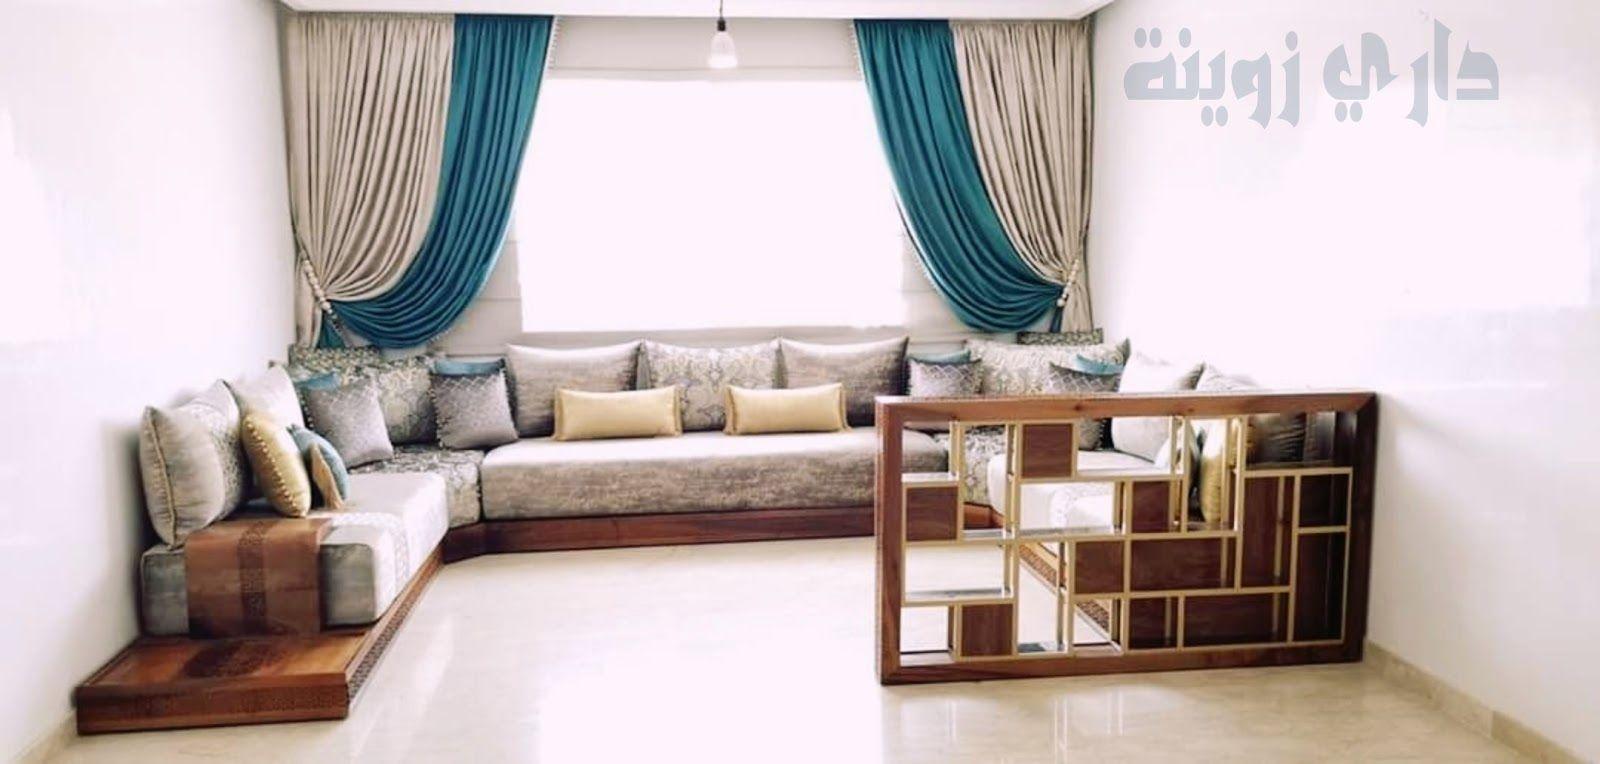 الصالون المغربي 2020 قمة الأناقة والتناسق في الألوان الصالون المغربي أو غرفة الجلوس المغربية هي رمز لكرم الضيافة المغربية الشهيرة In 2020 Home Decor Home Decor